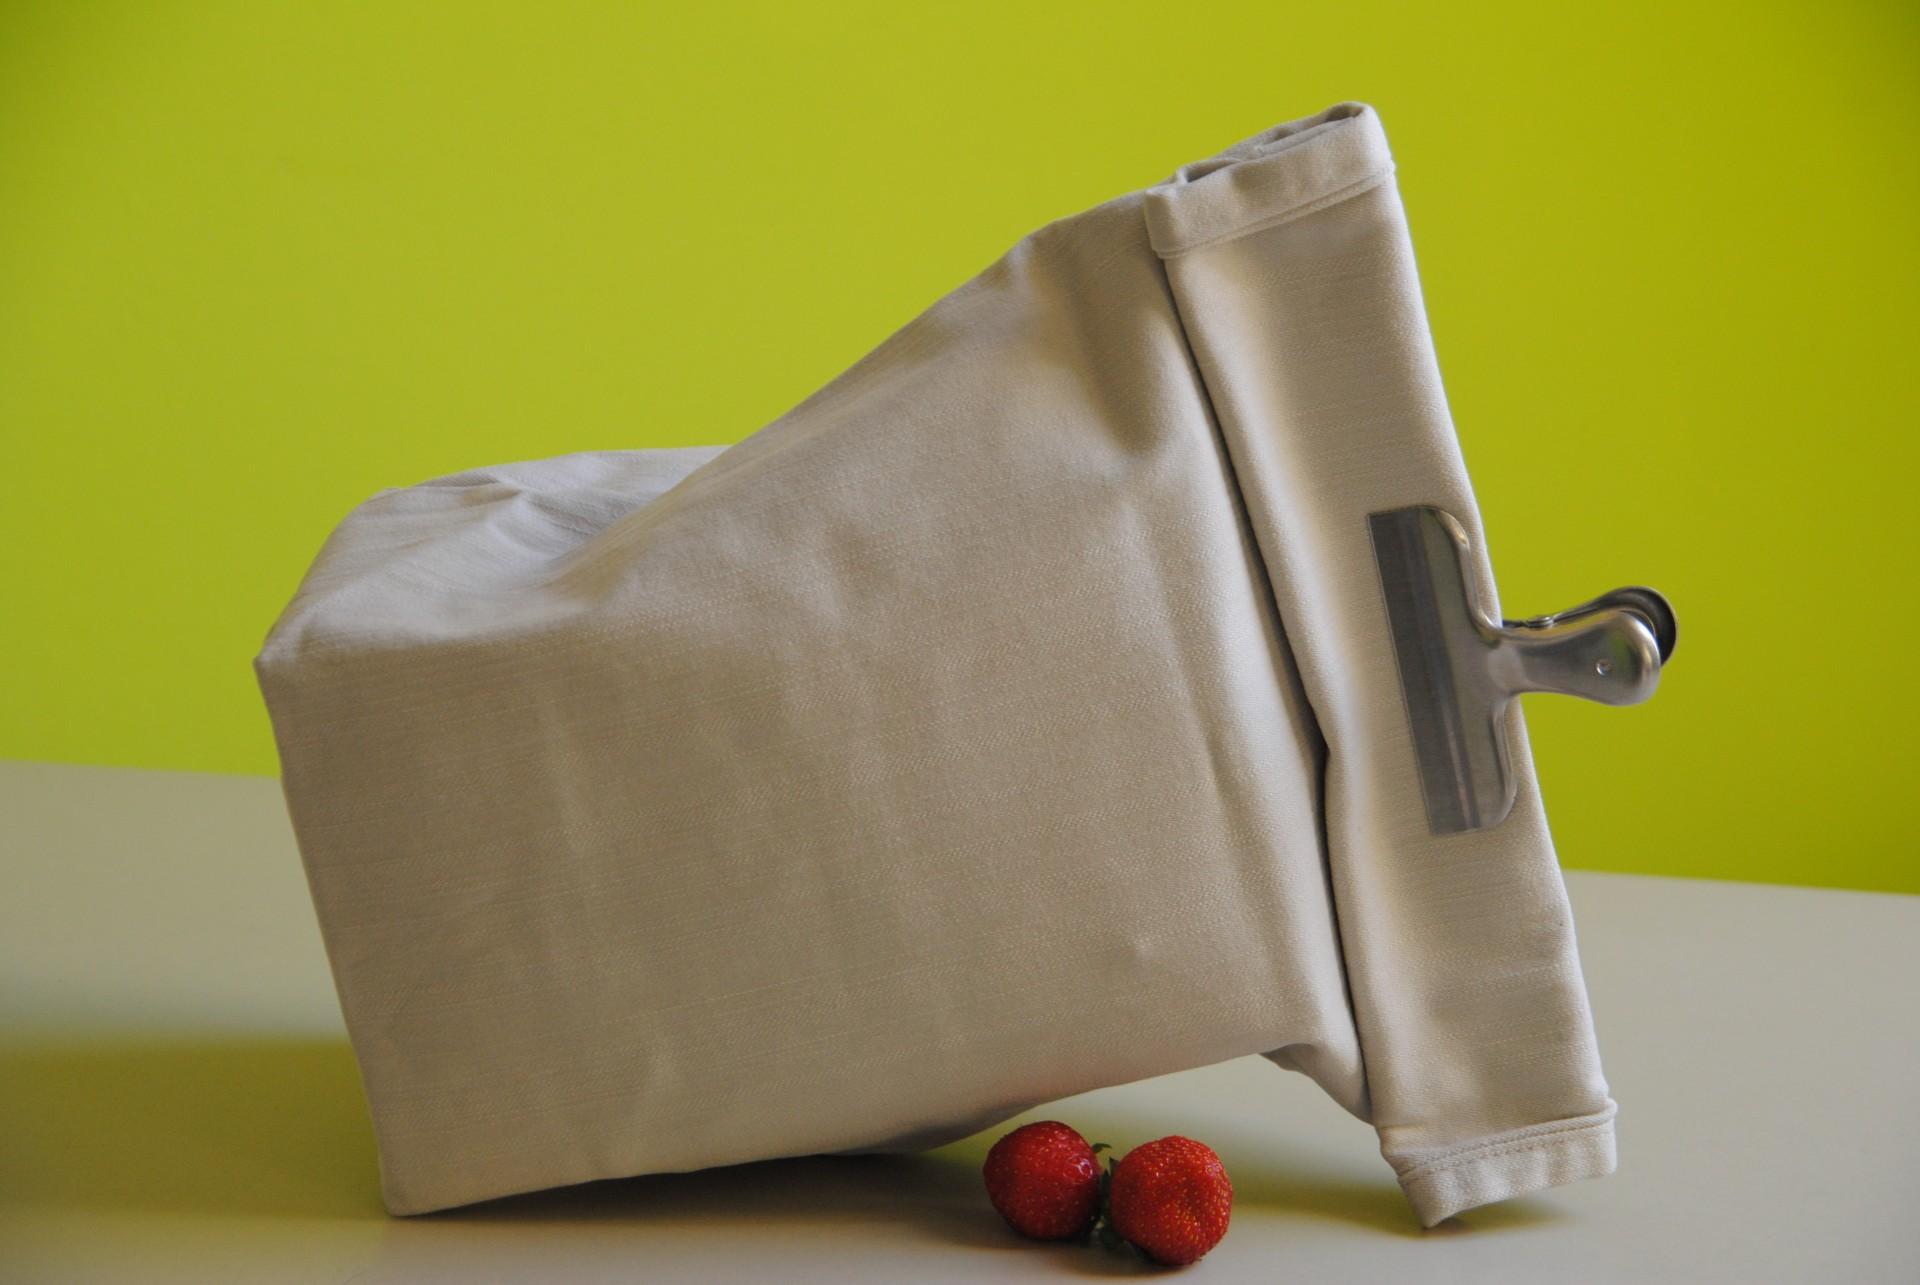 Die Mahlzeit zum Mitnehmen passt prima in die Lunch-Tüte aus dem Jeanshosen-Bein .